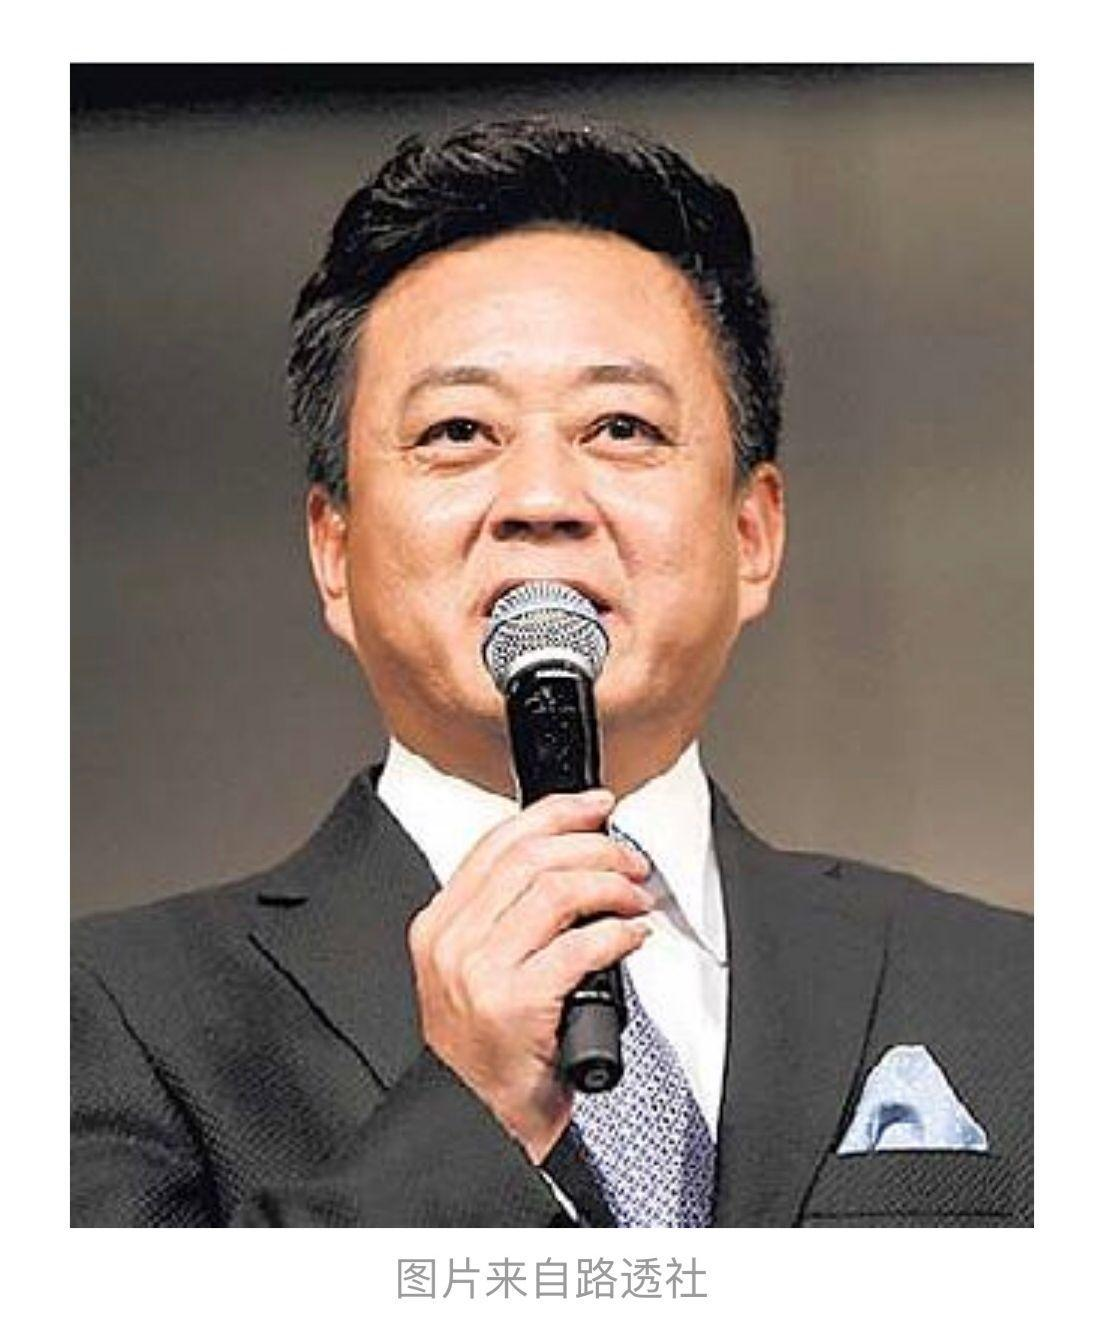 朱军申请中止审理性骚扰案,遭法院驳回,当事人晒了更多重磅消息